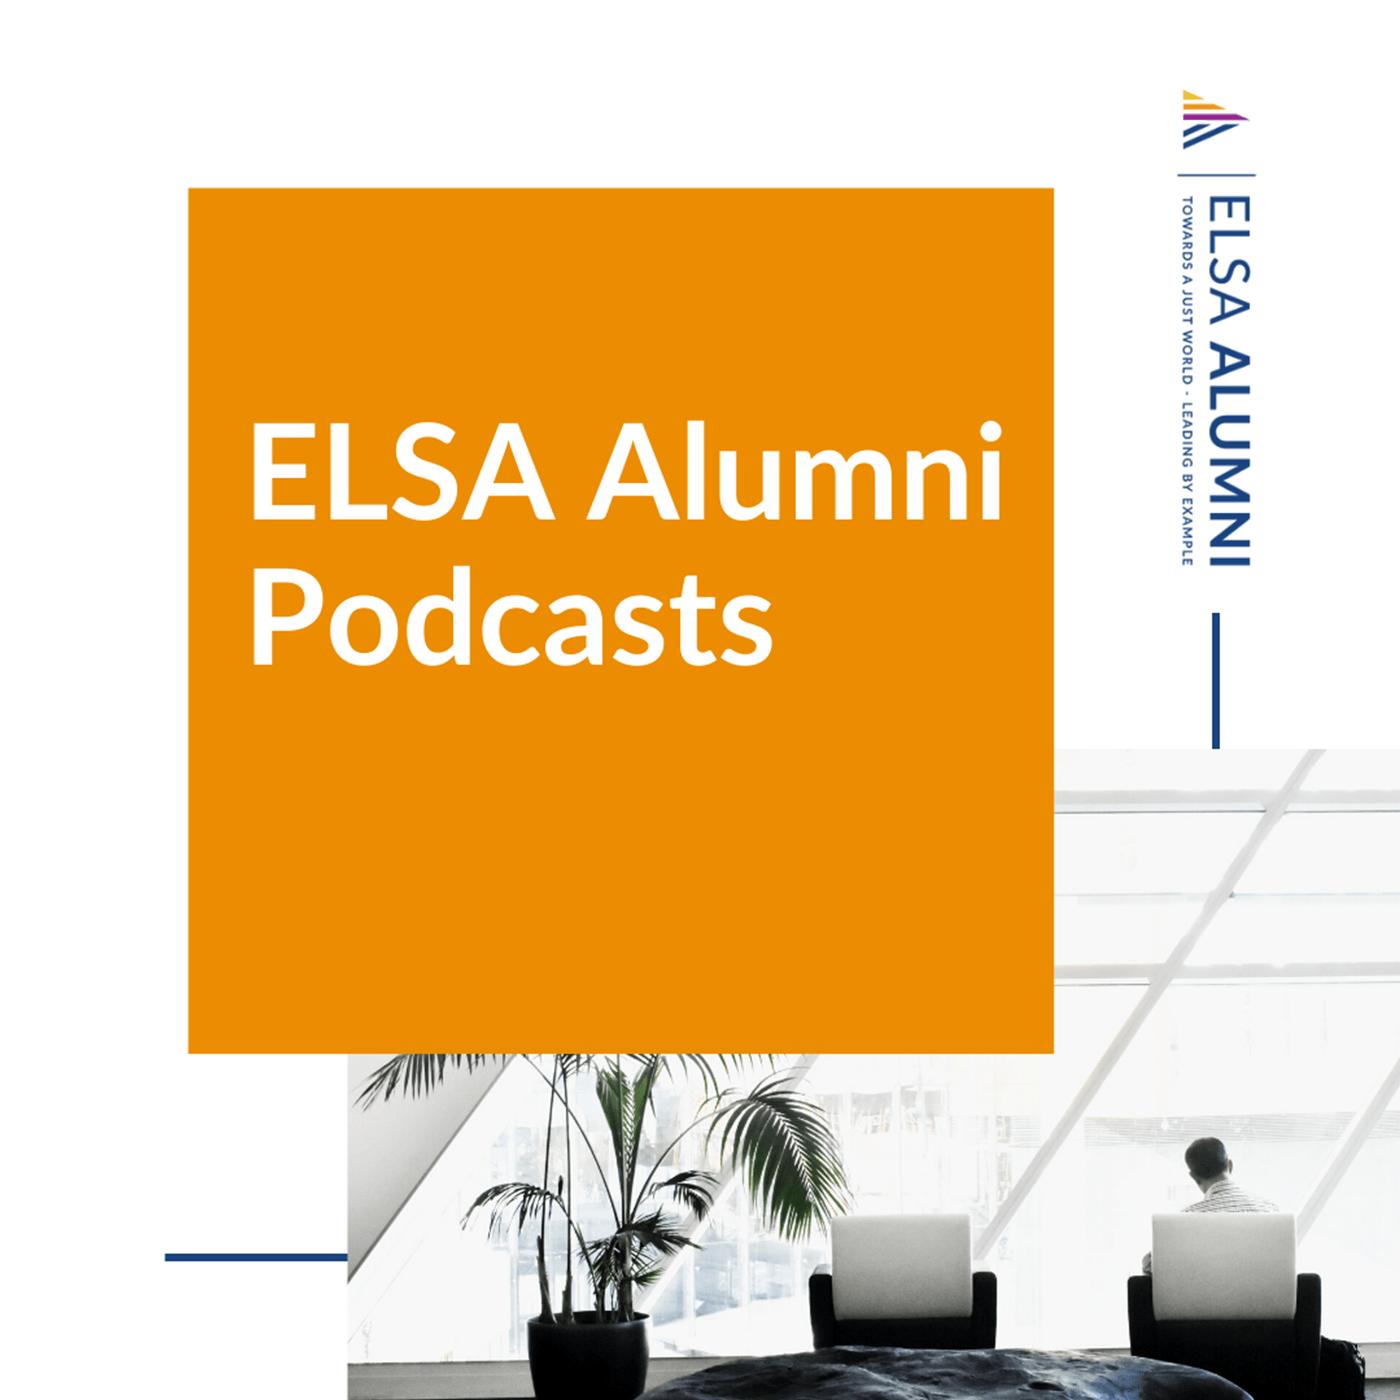 ELSA Alumni Podcasts